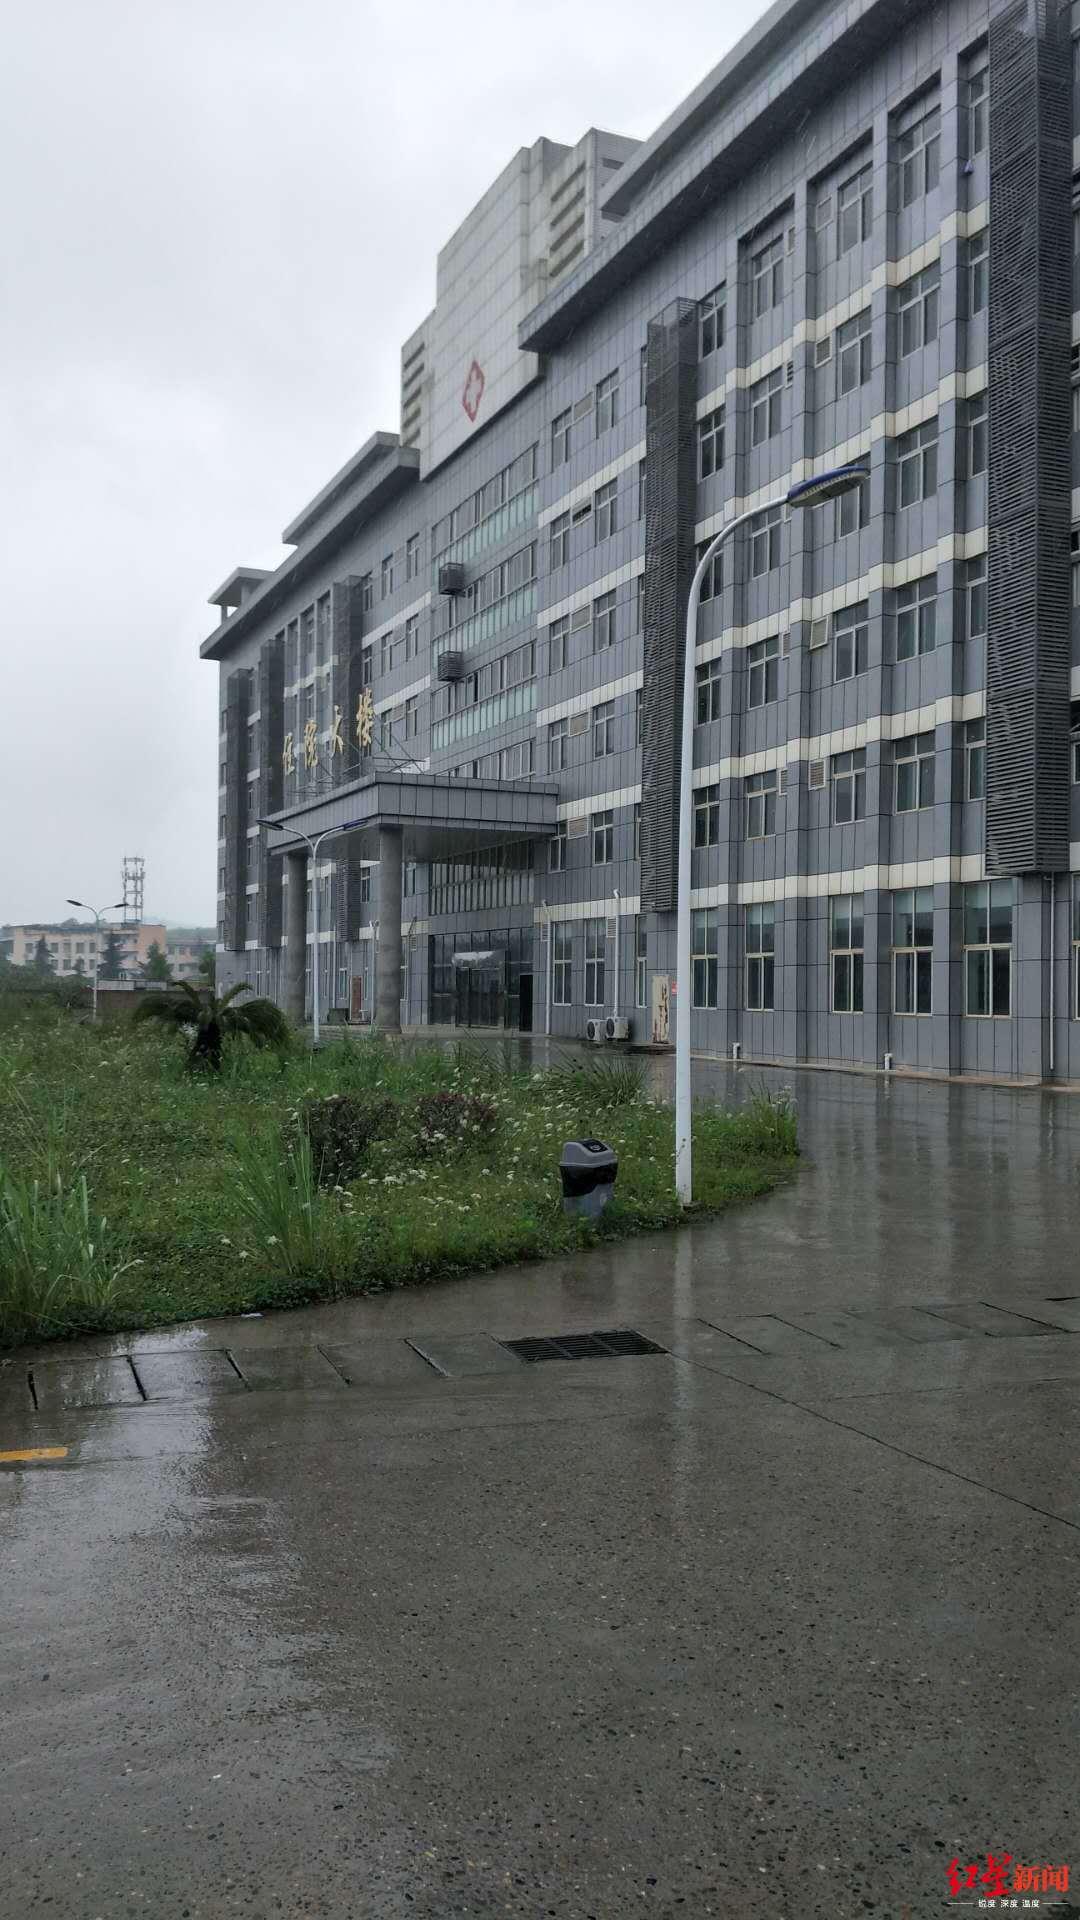 4名精神病人乔装打扮、偷钥匙出逃后被请回,医院增设安全门